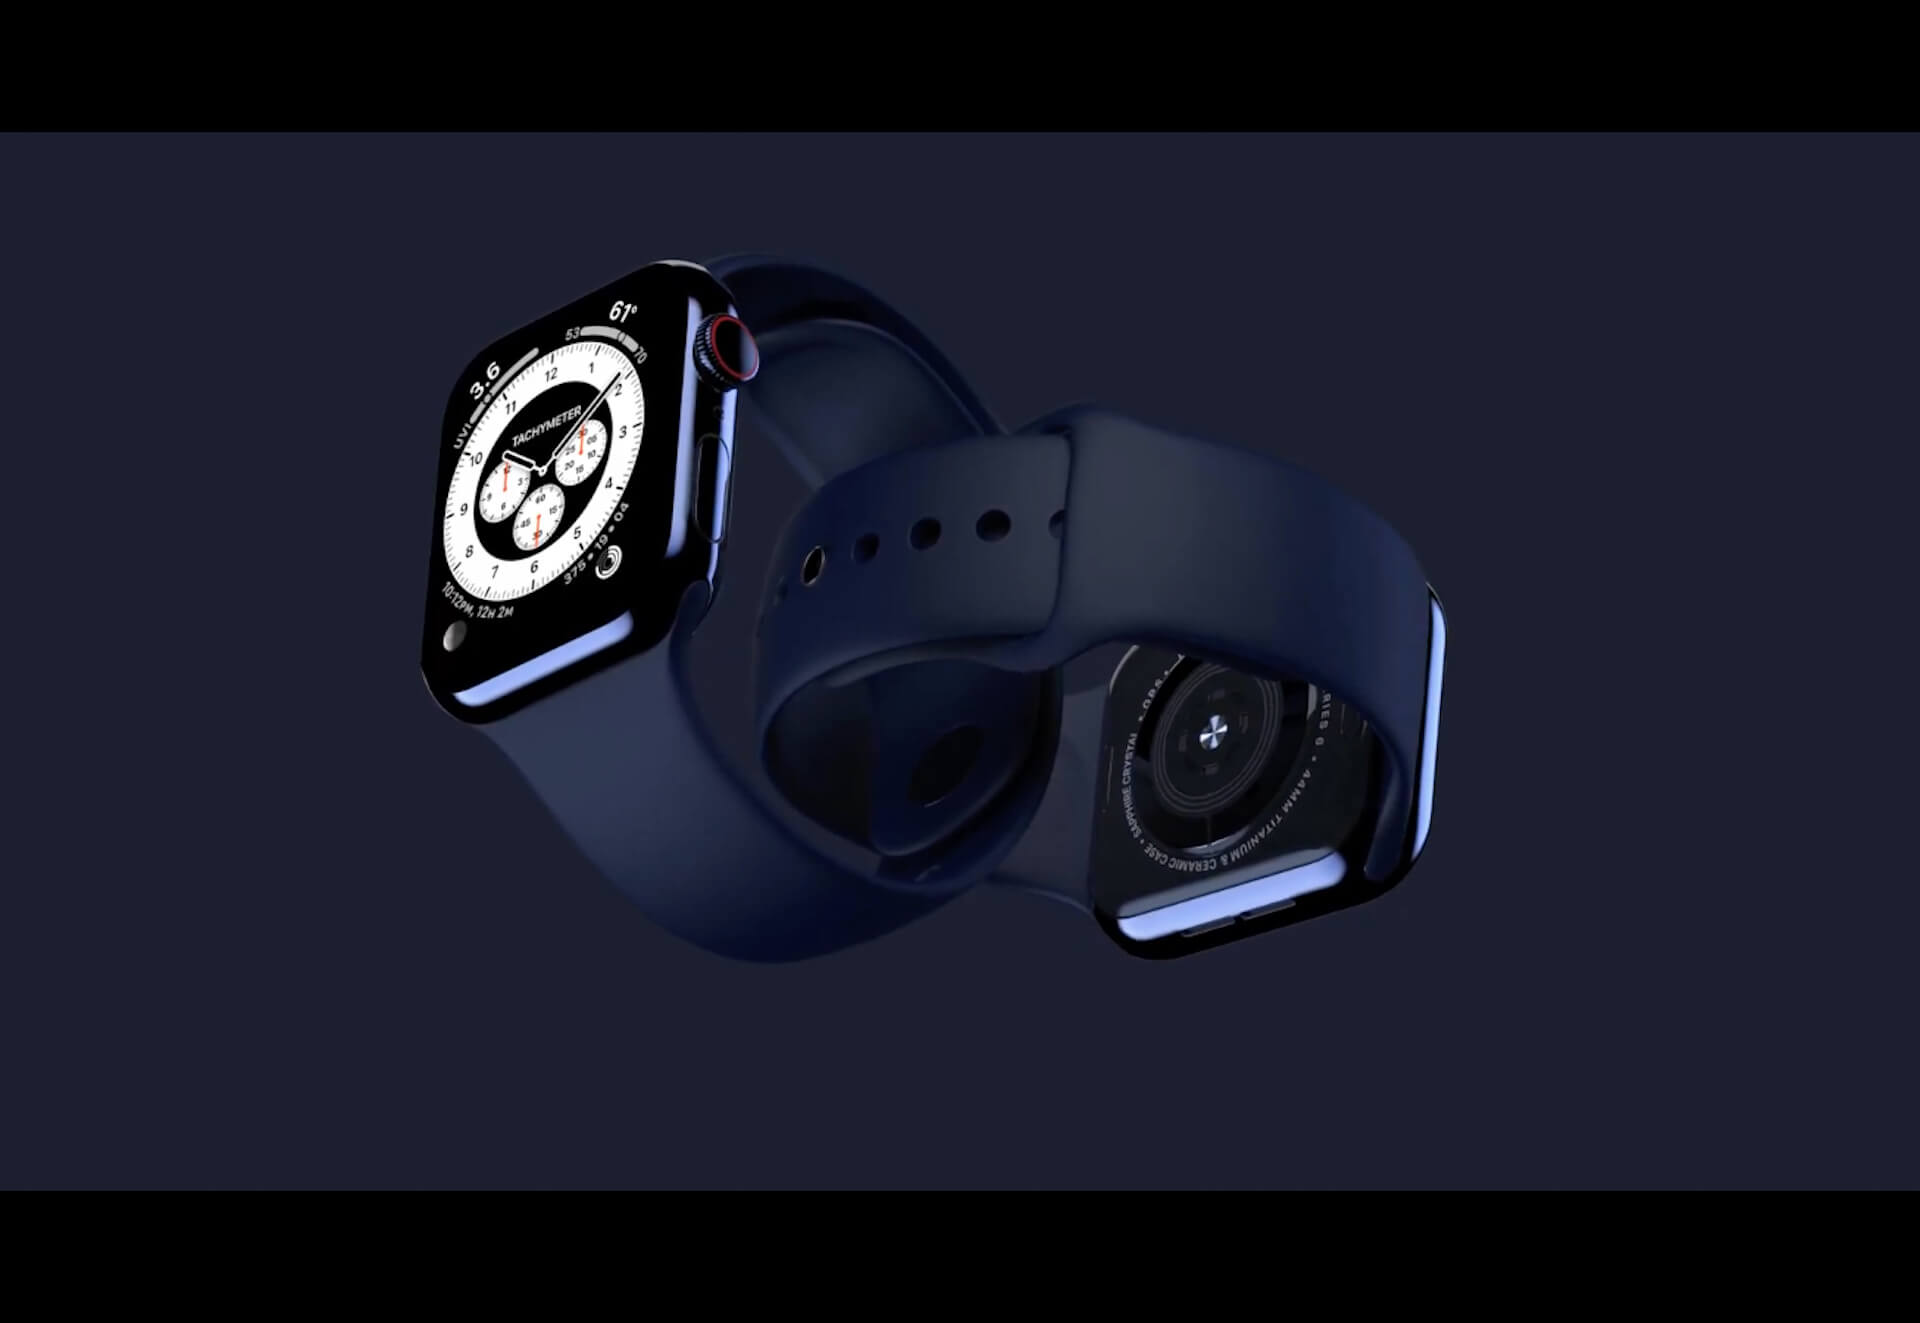 ついに新型Apple Watch&iPadが今週火曜日に登場か?著名リーカーが示唆 tech200907_apple_main